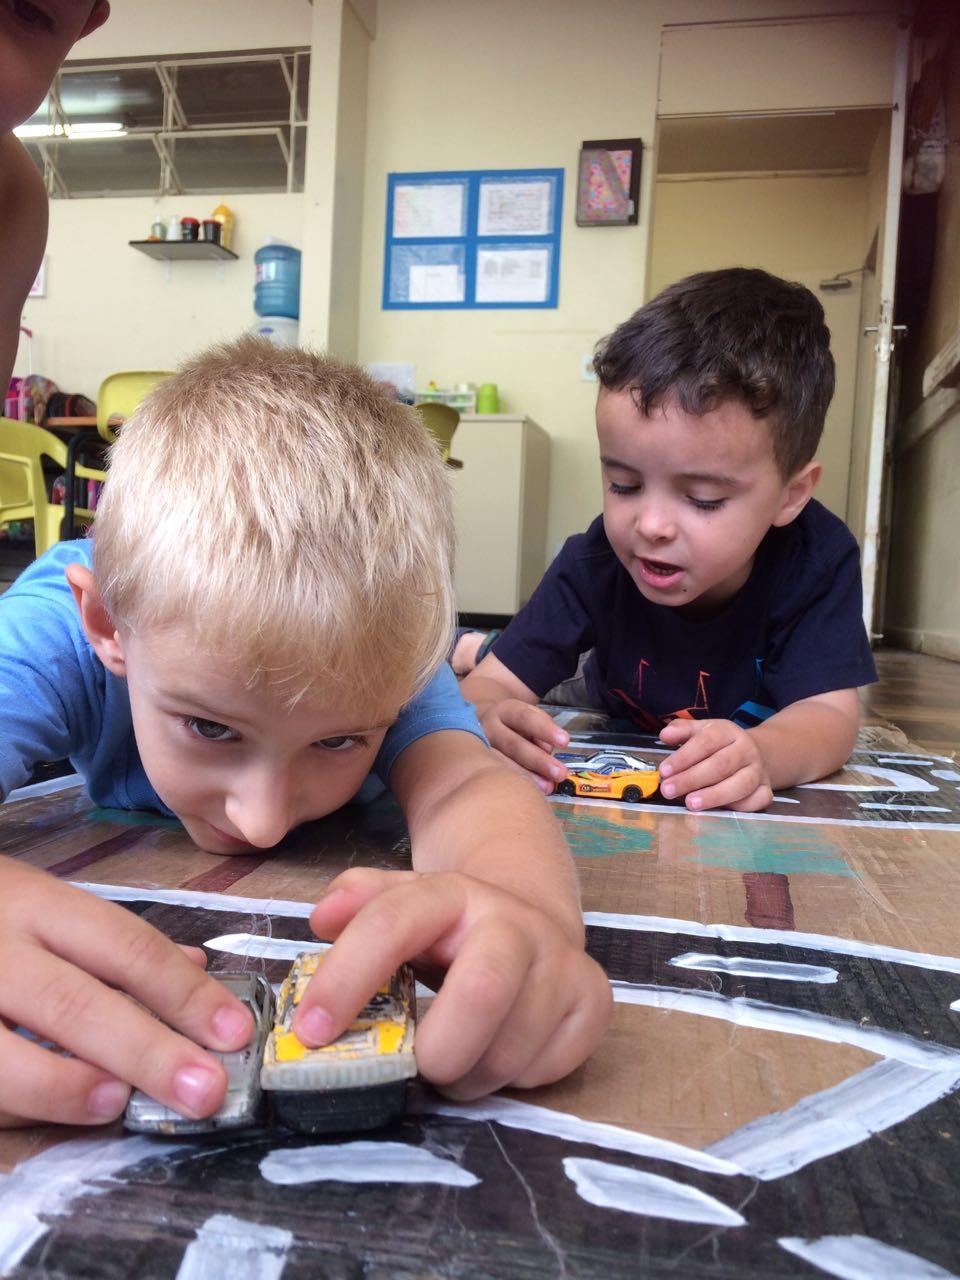 Vivências e experiências no CMEI Tapajós  Sabemos que a educação infantil e a etapa mais importante,  e que as vivências e experiências nas brincadeiras tornam-se  um período fundamental para o desenvolvimento e aprendizagem  da criança. No CMEI Tapajós fomentamos as aprendizagens , criamos diferentes contextos para que as crianças sejam protagonistas de suas ações, garantindo a pluralidade de vivências que incluem o imaginar, experimentar, cantar, correr, brincar, jogar, investigar, desafiar, reconhecer, ser e cuidar de si do outro e da natureza.